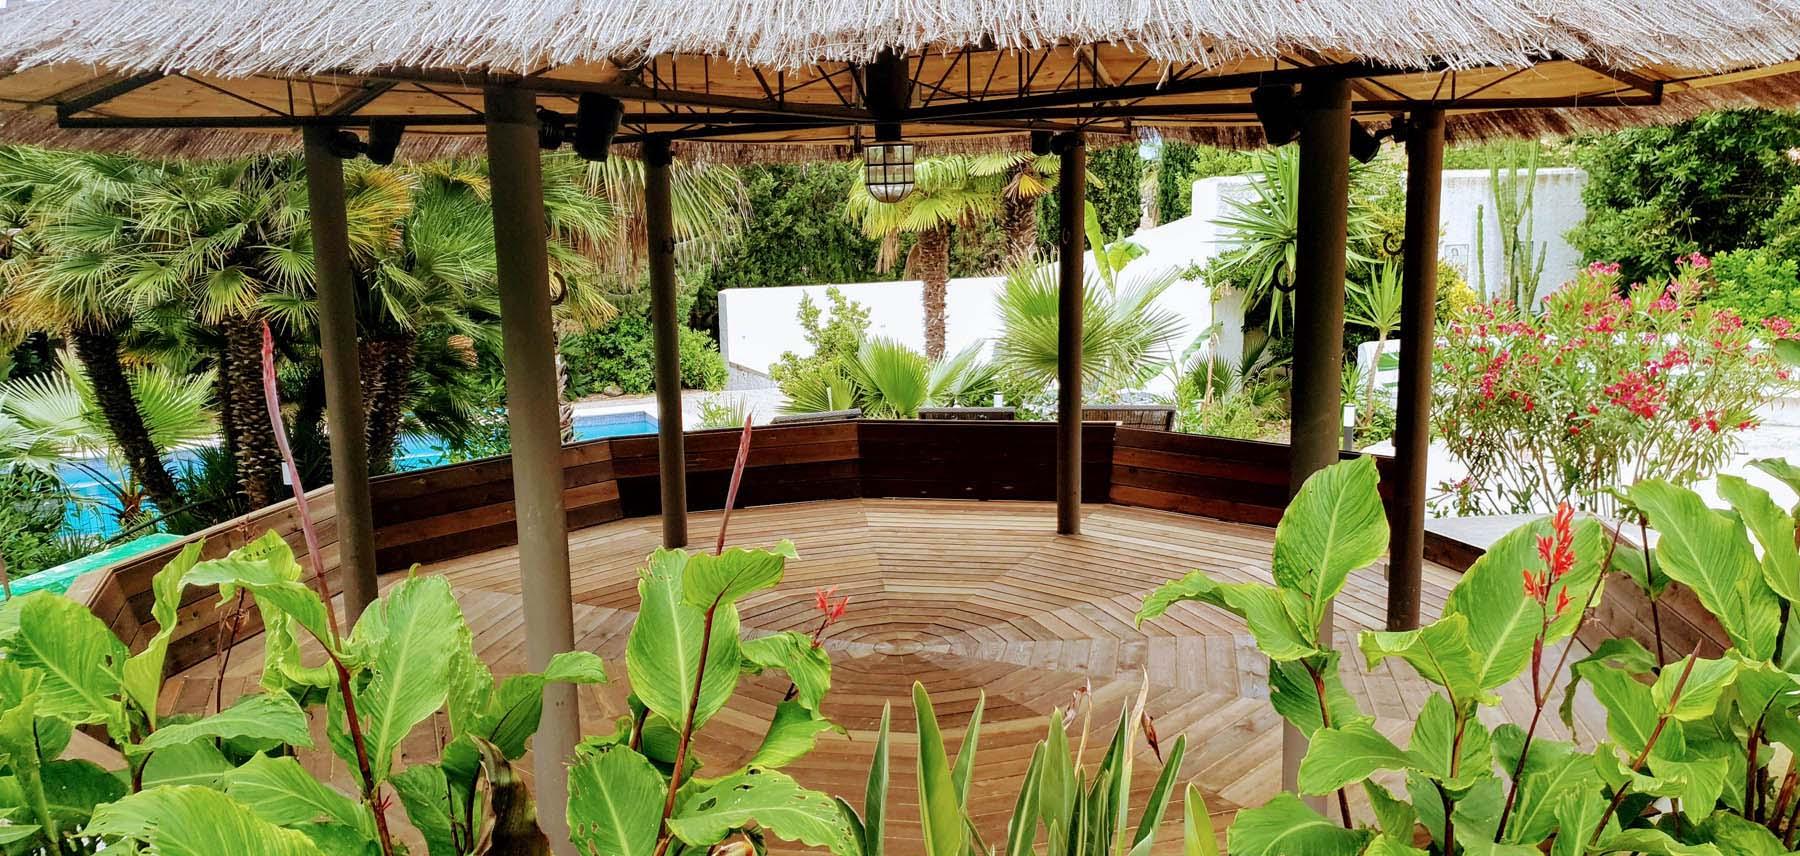 Tropical secluded garden at la Casa Dorada